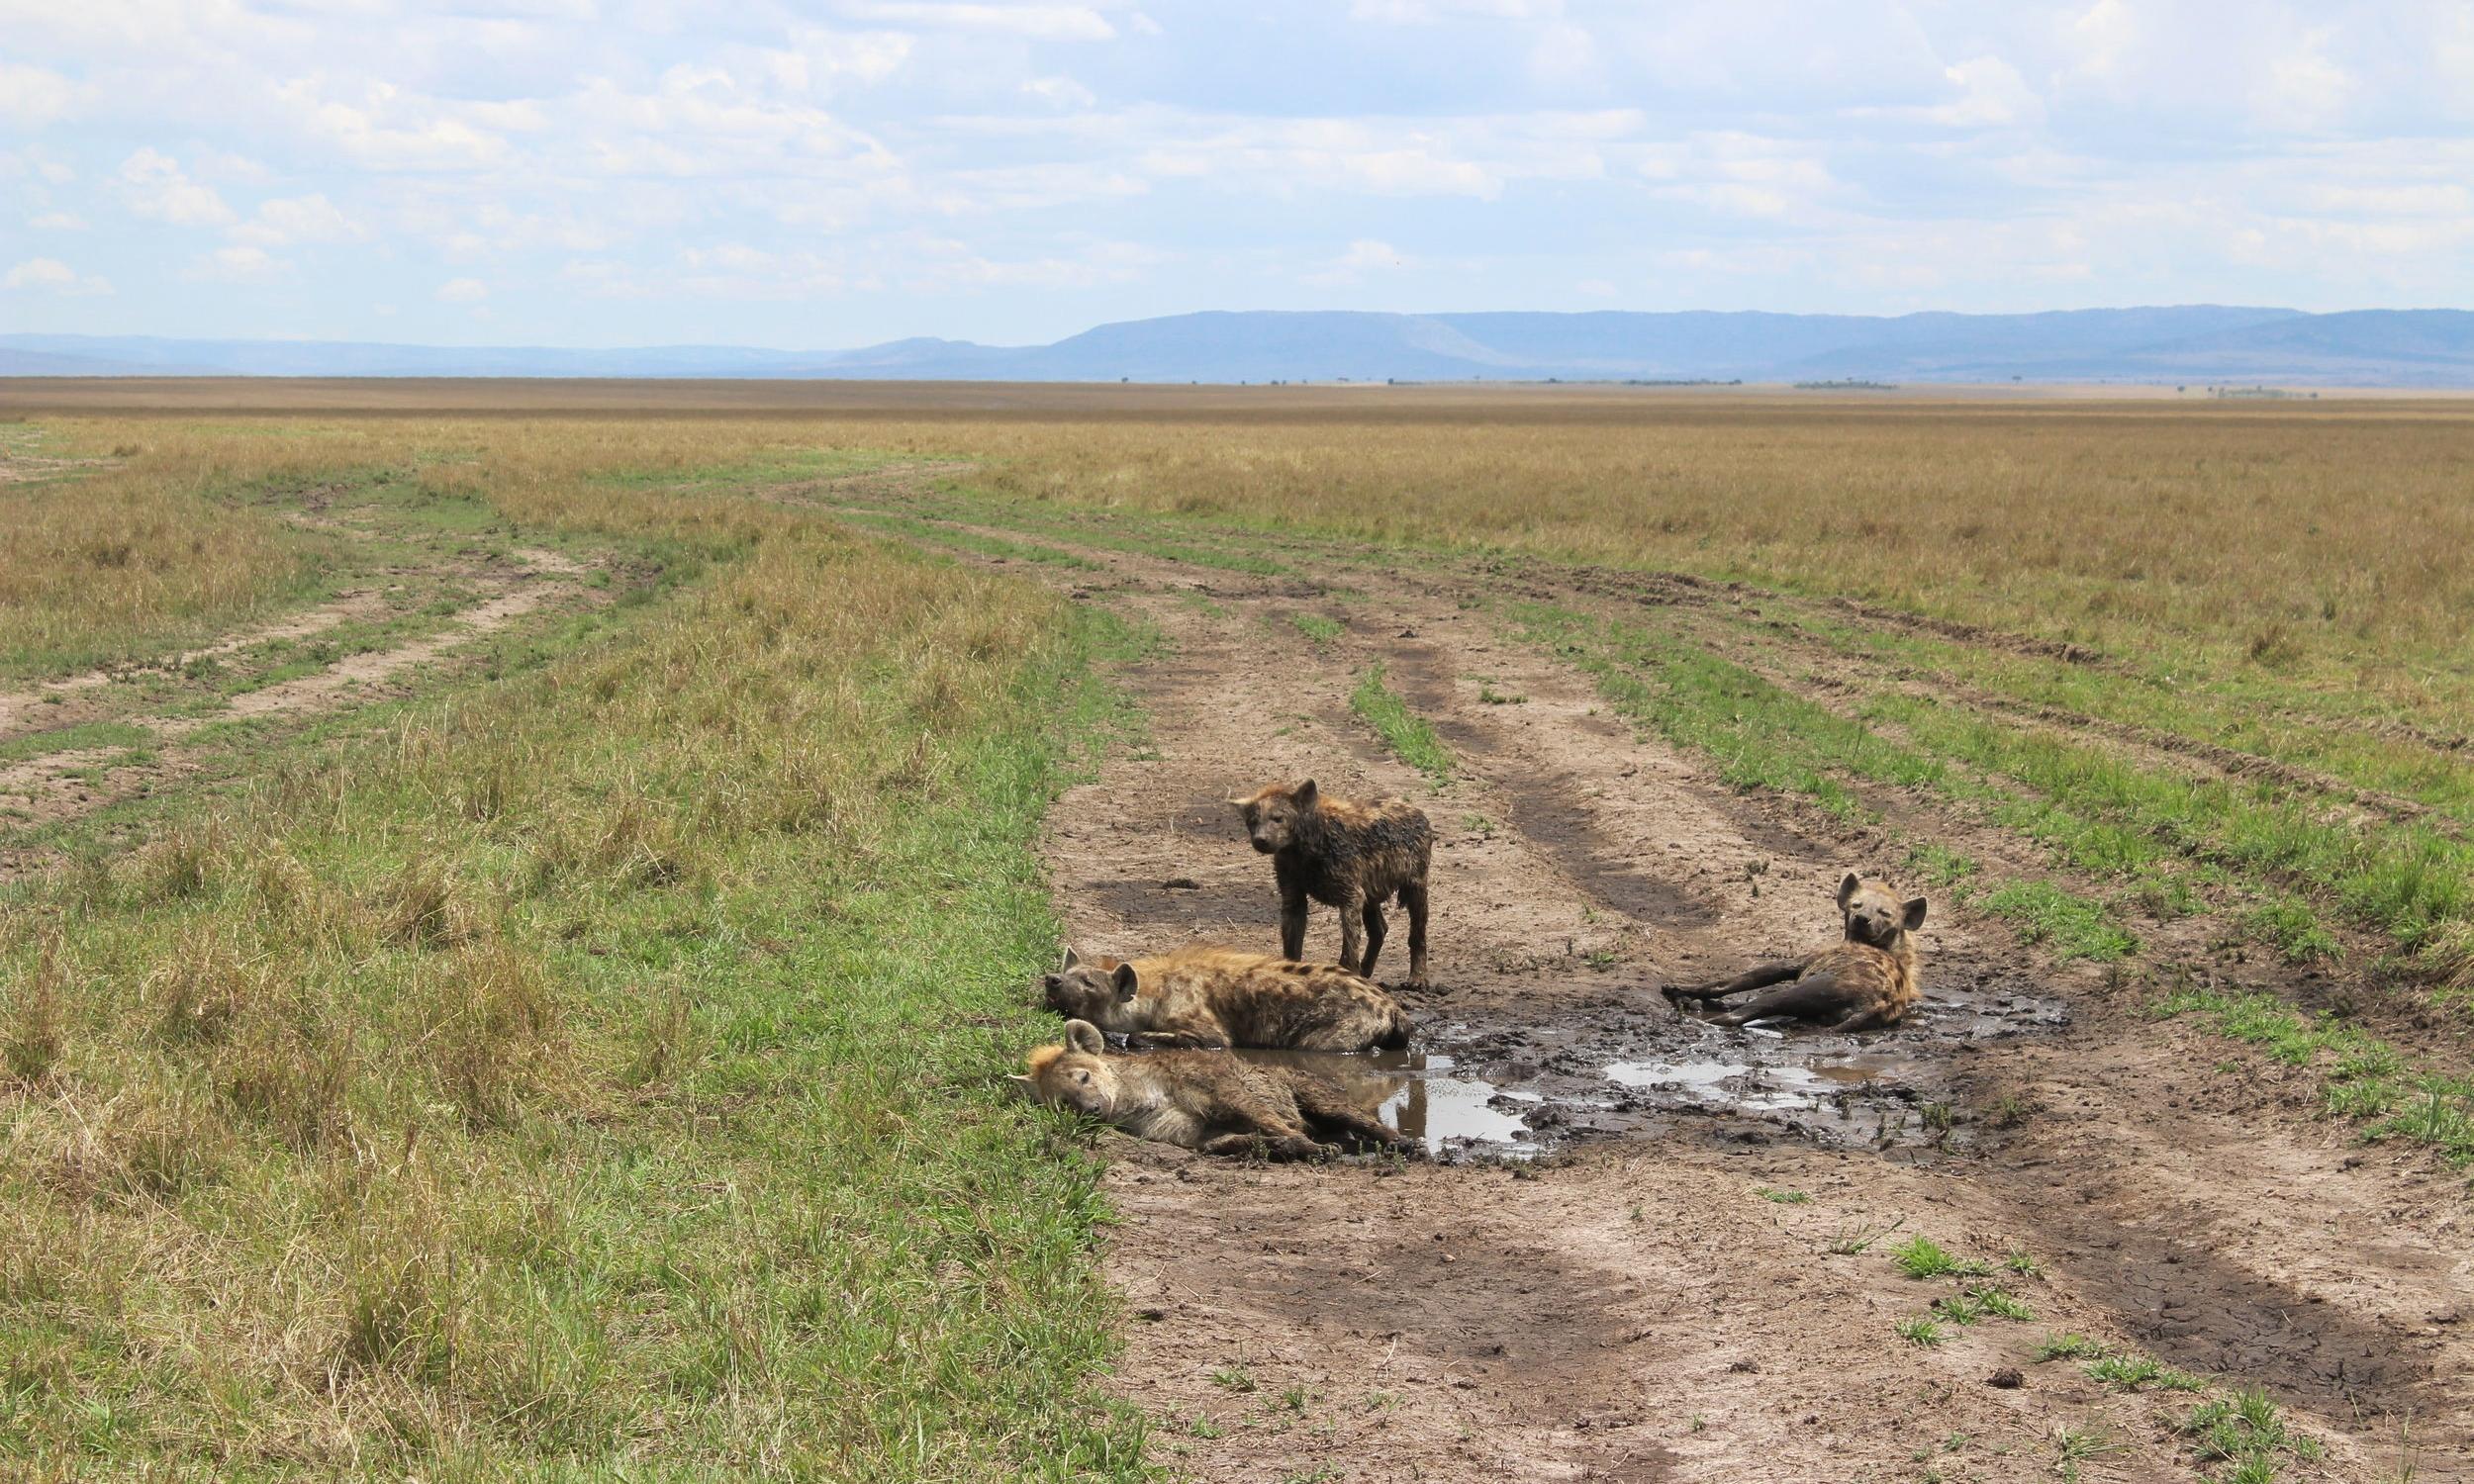 Hyenas keeping cool